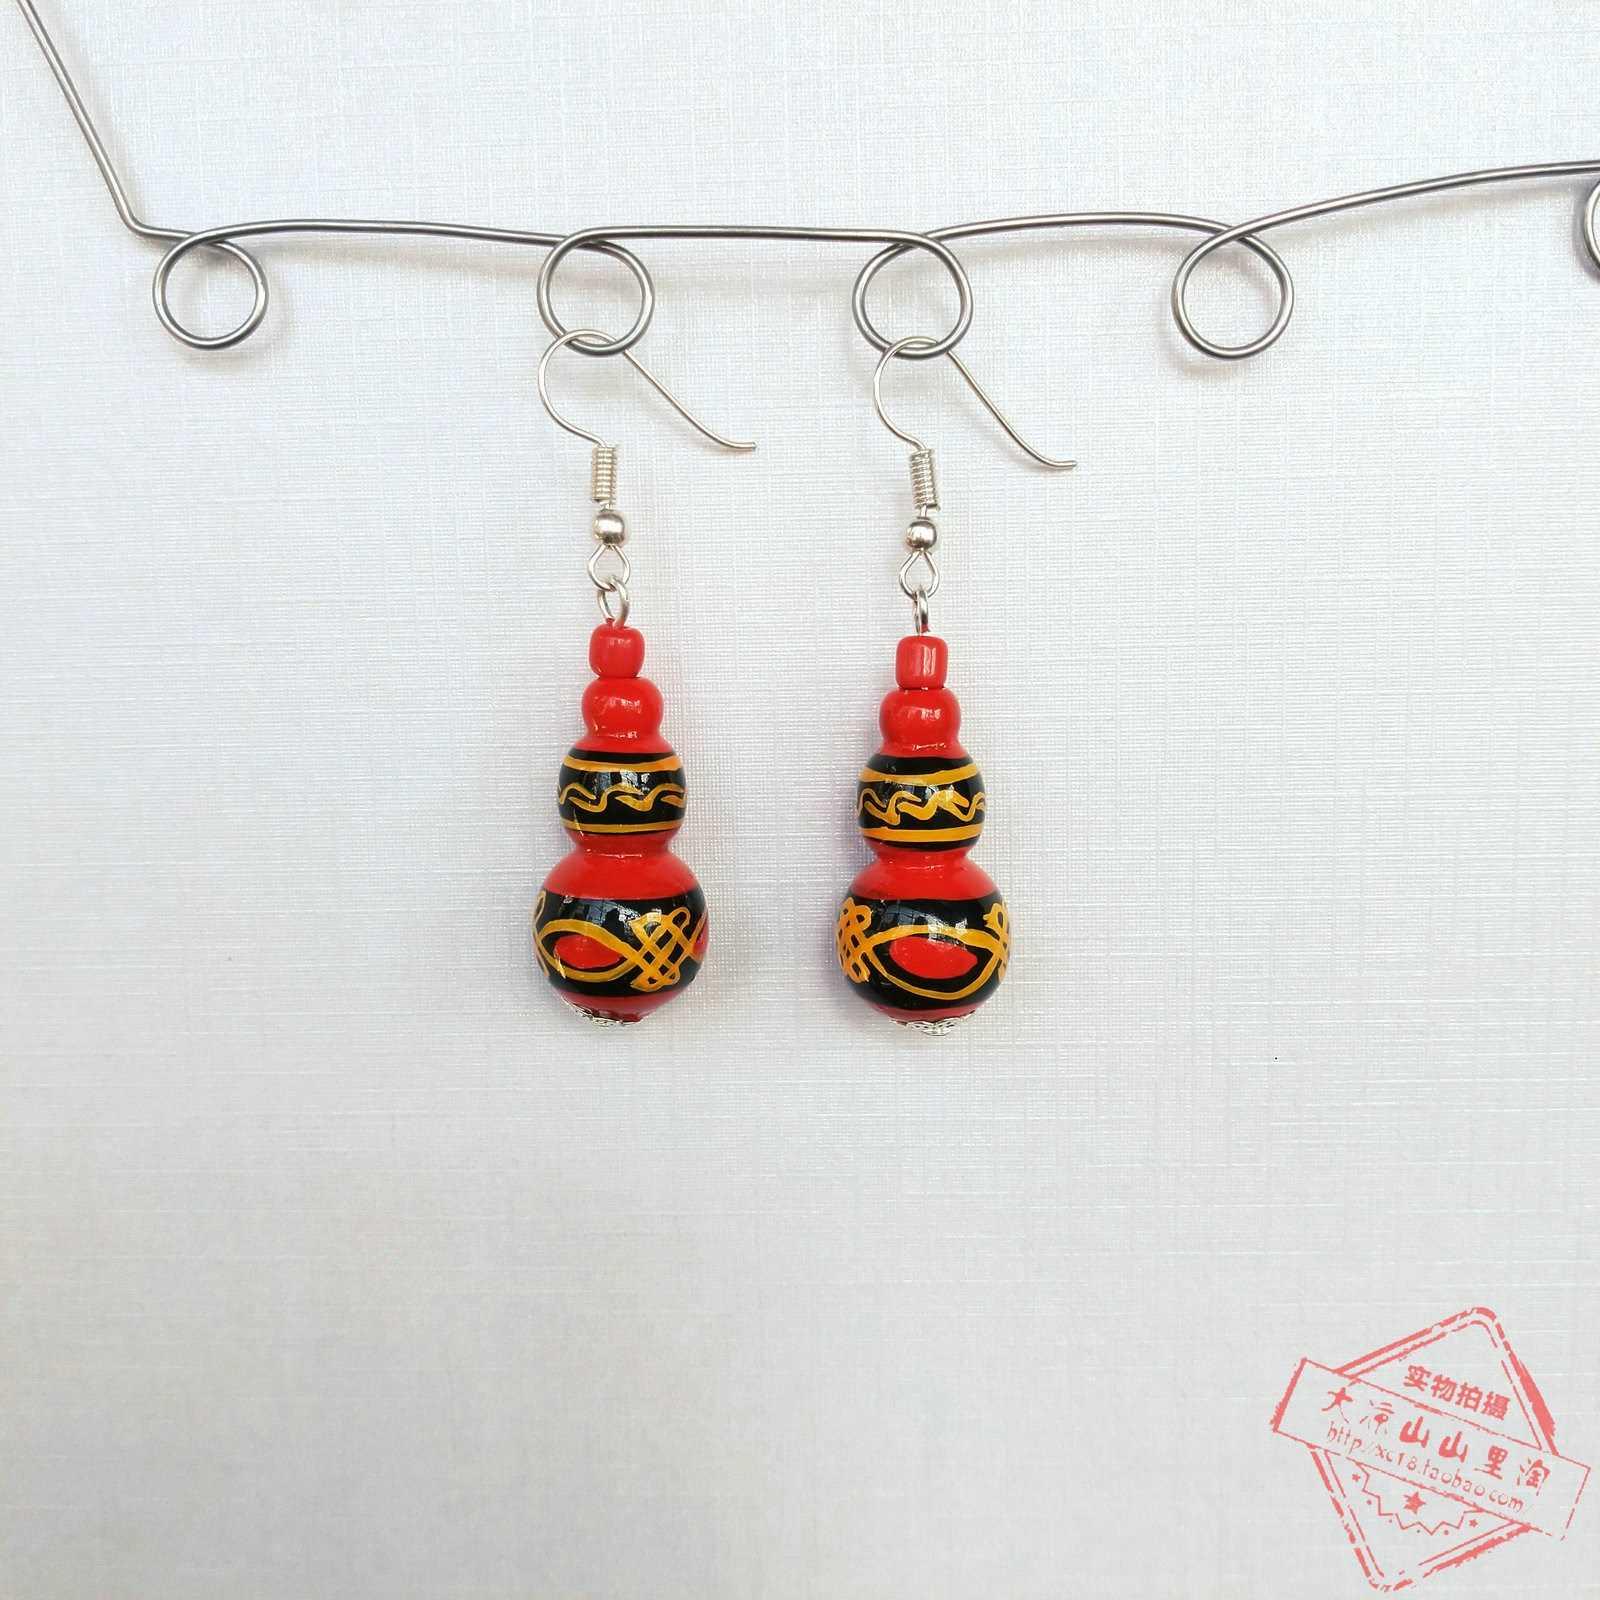 Национальные китайские сувениры Артикул 588524210874